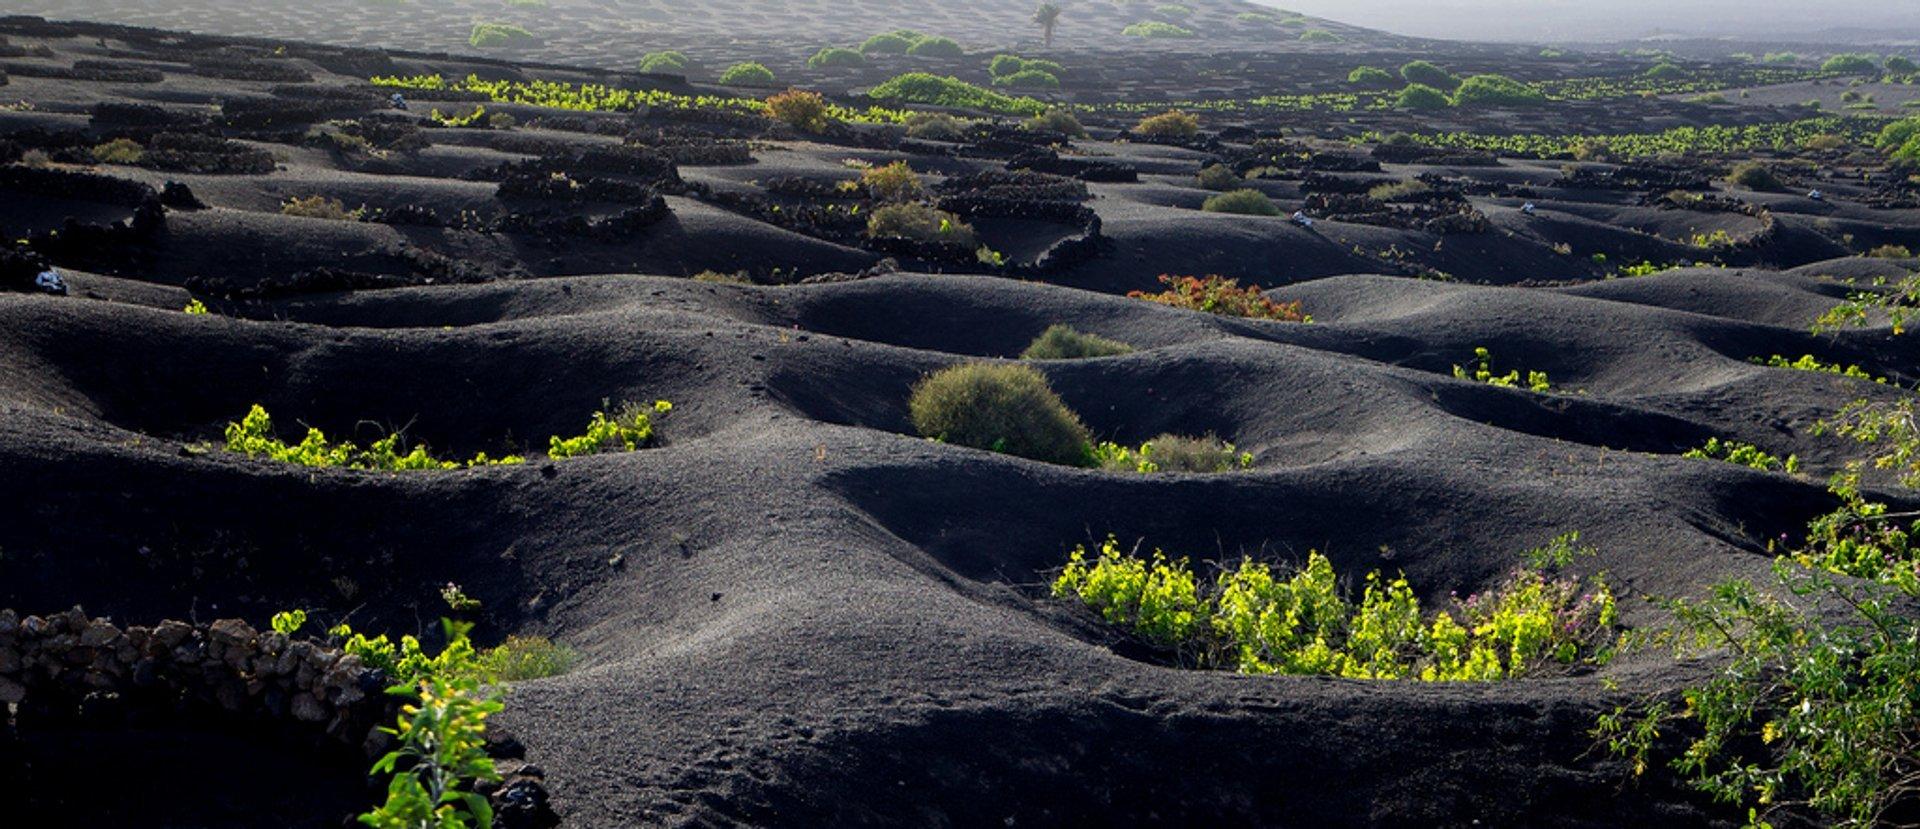 Lanzarote Volcanic Vineyards in Canary Islands - Best Season